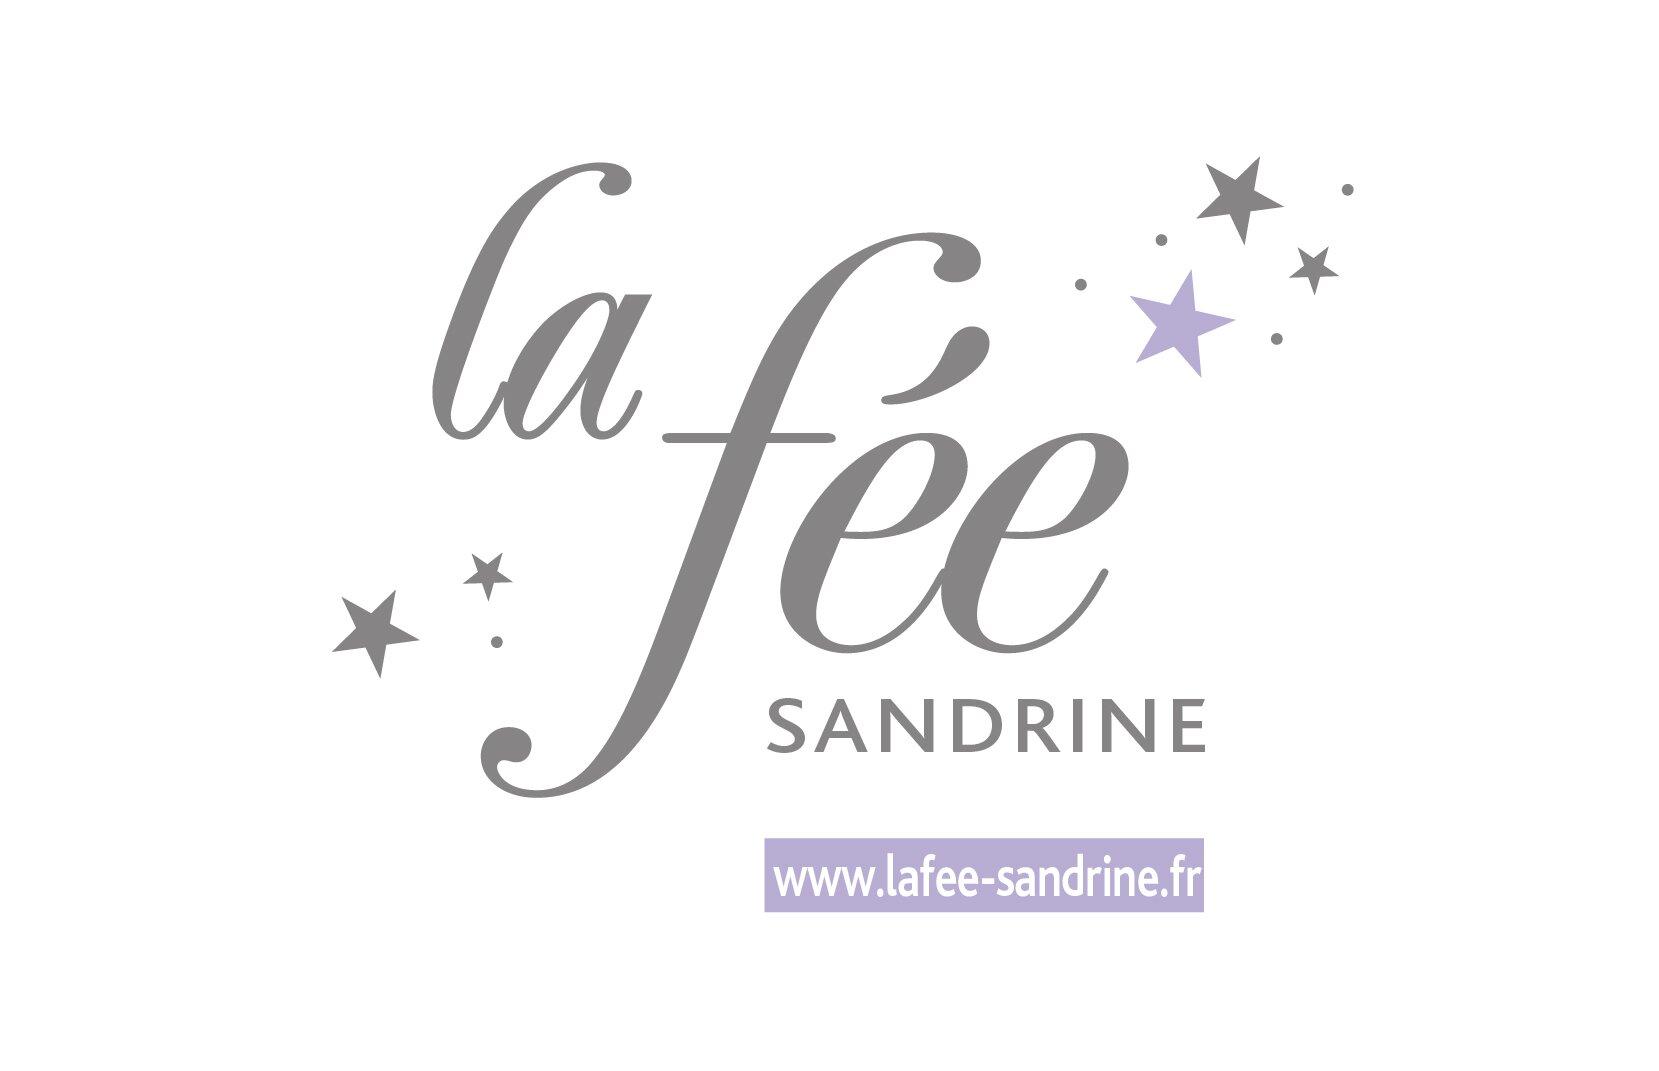 La Fée Sandrine